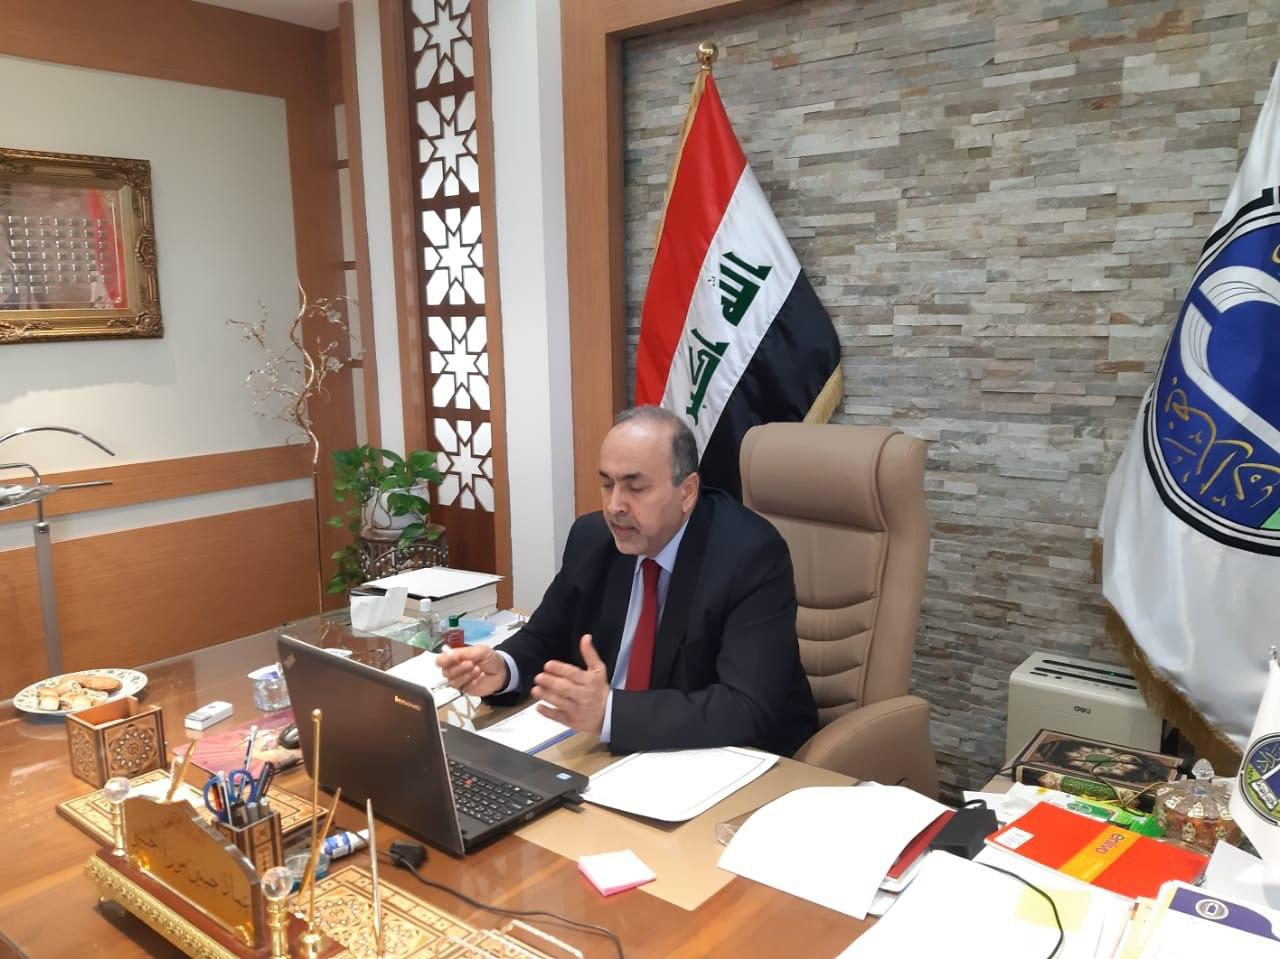 رئيس جامعة بغداد يترأس الجلسة السادسة لمجلس الجامعة الالكتروني